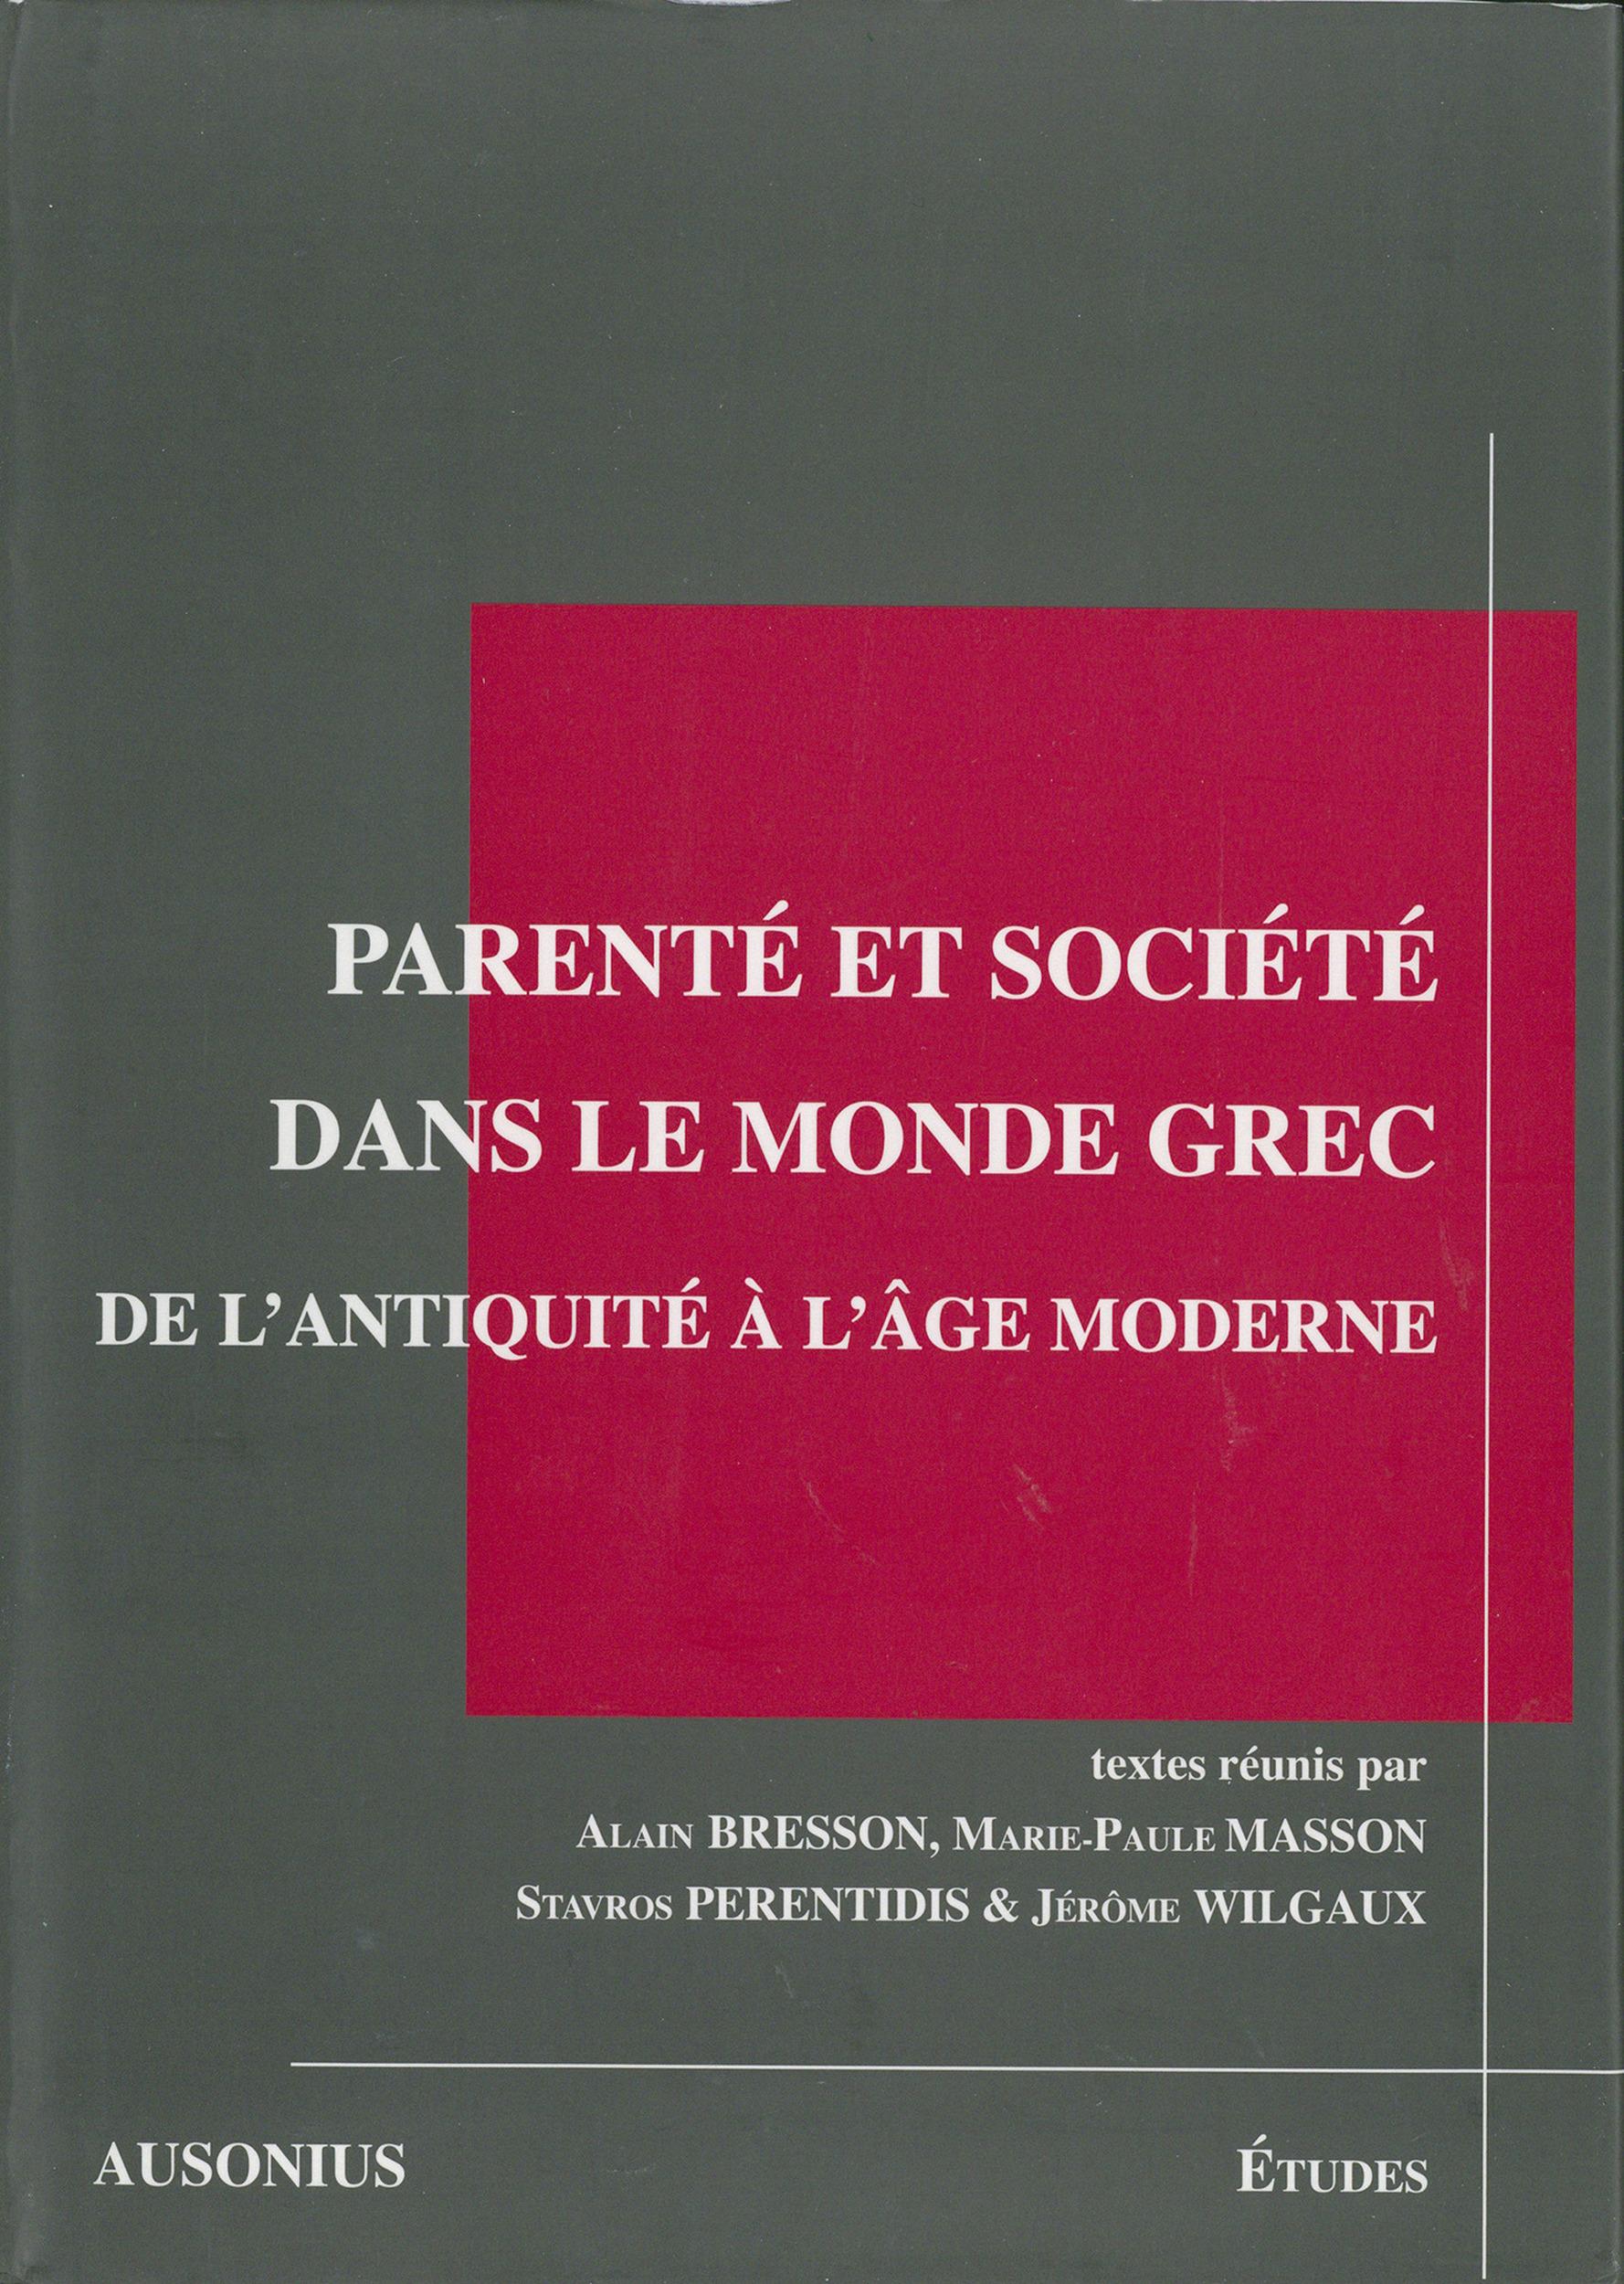 Parente et societe dans le monde grec de l antiquite a l age moderne